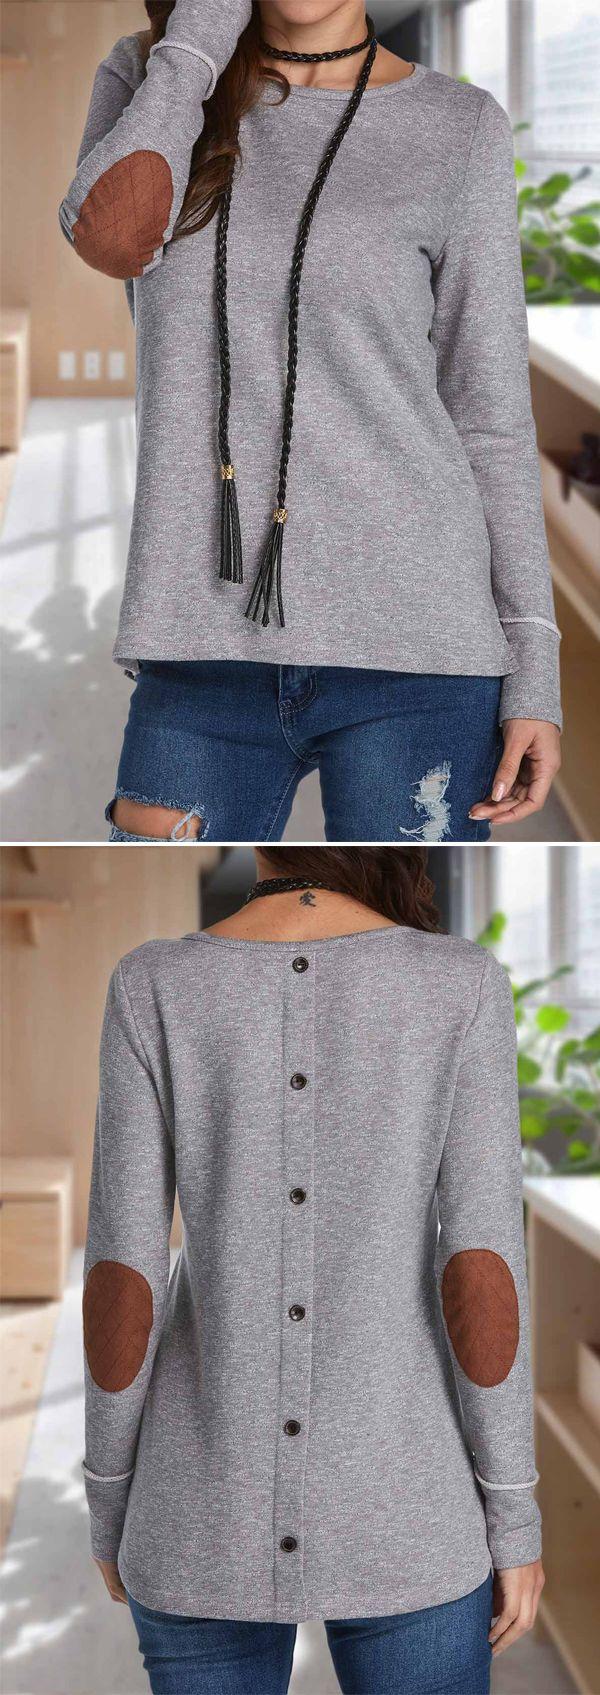 Ideia para customização de blusa